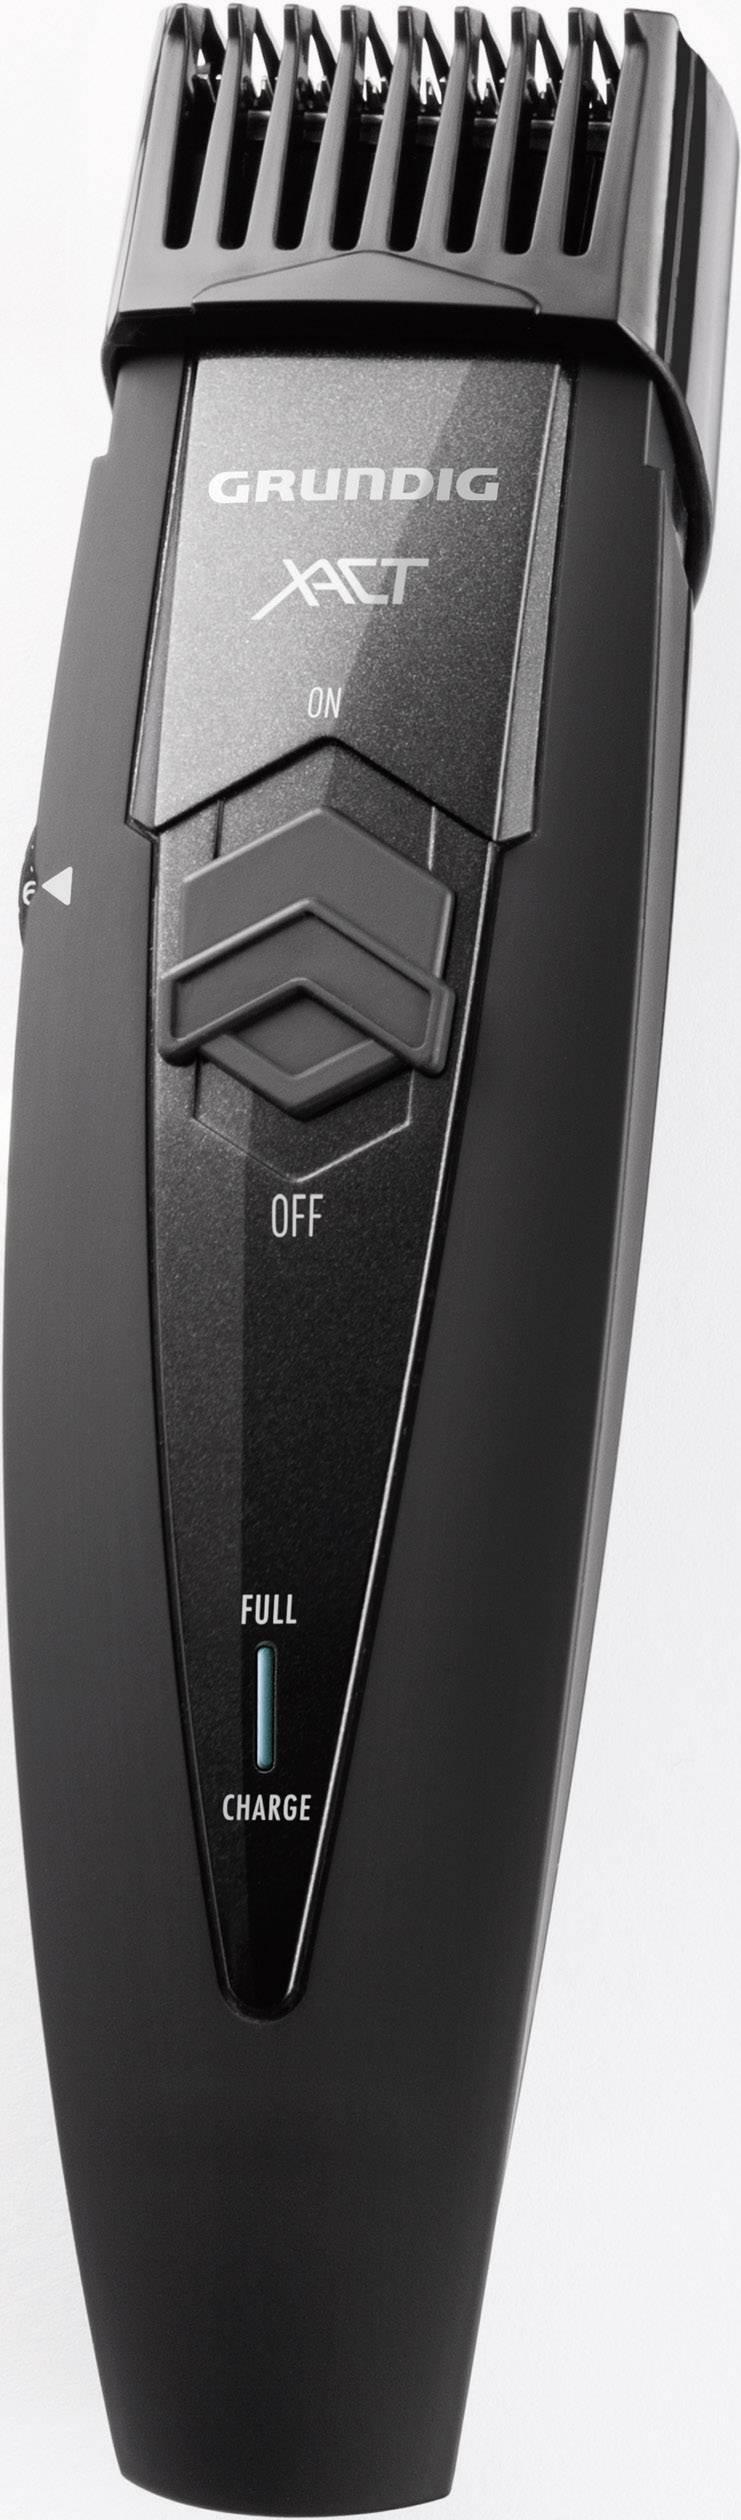 Zastrihávač fúzov Grundig MT6340, omývateľný, čierna